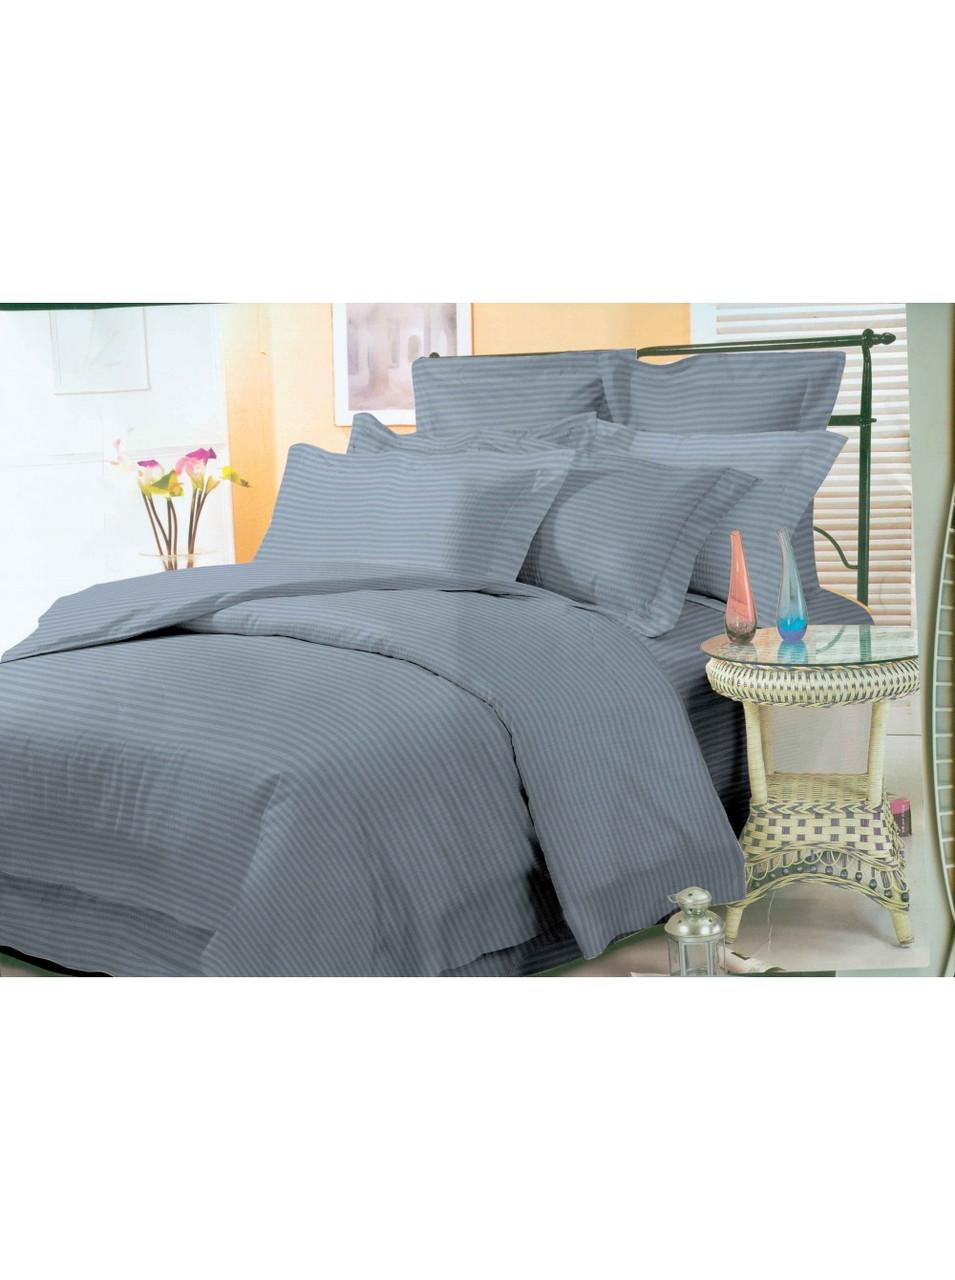 Комплект постельного белья страйп-сатин Графит